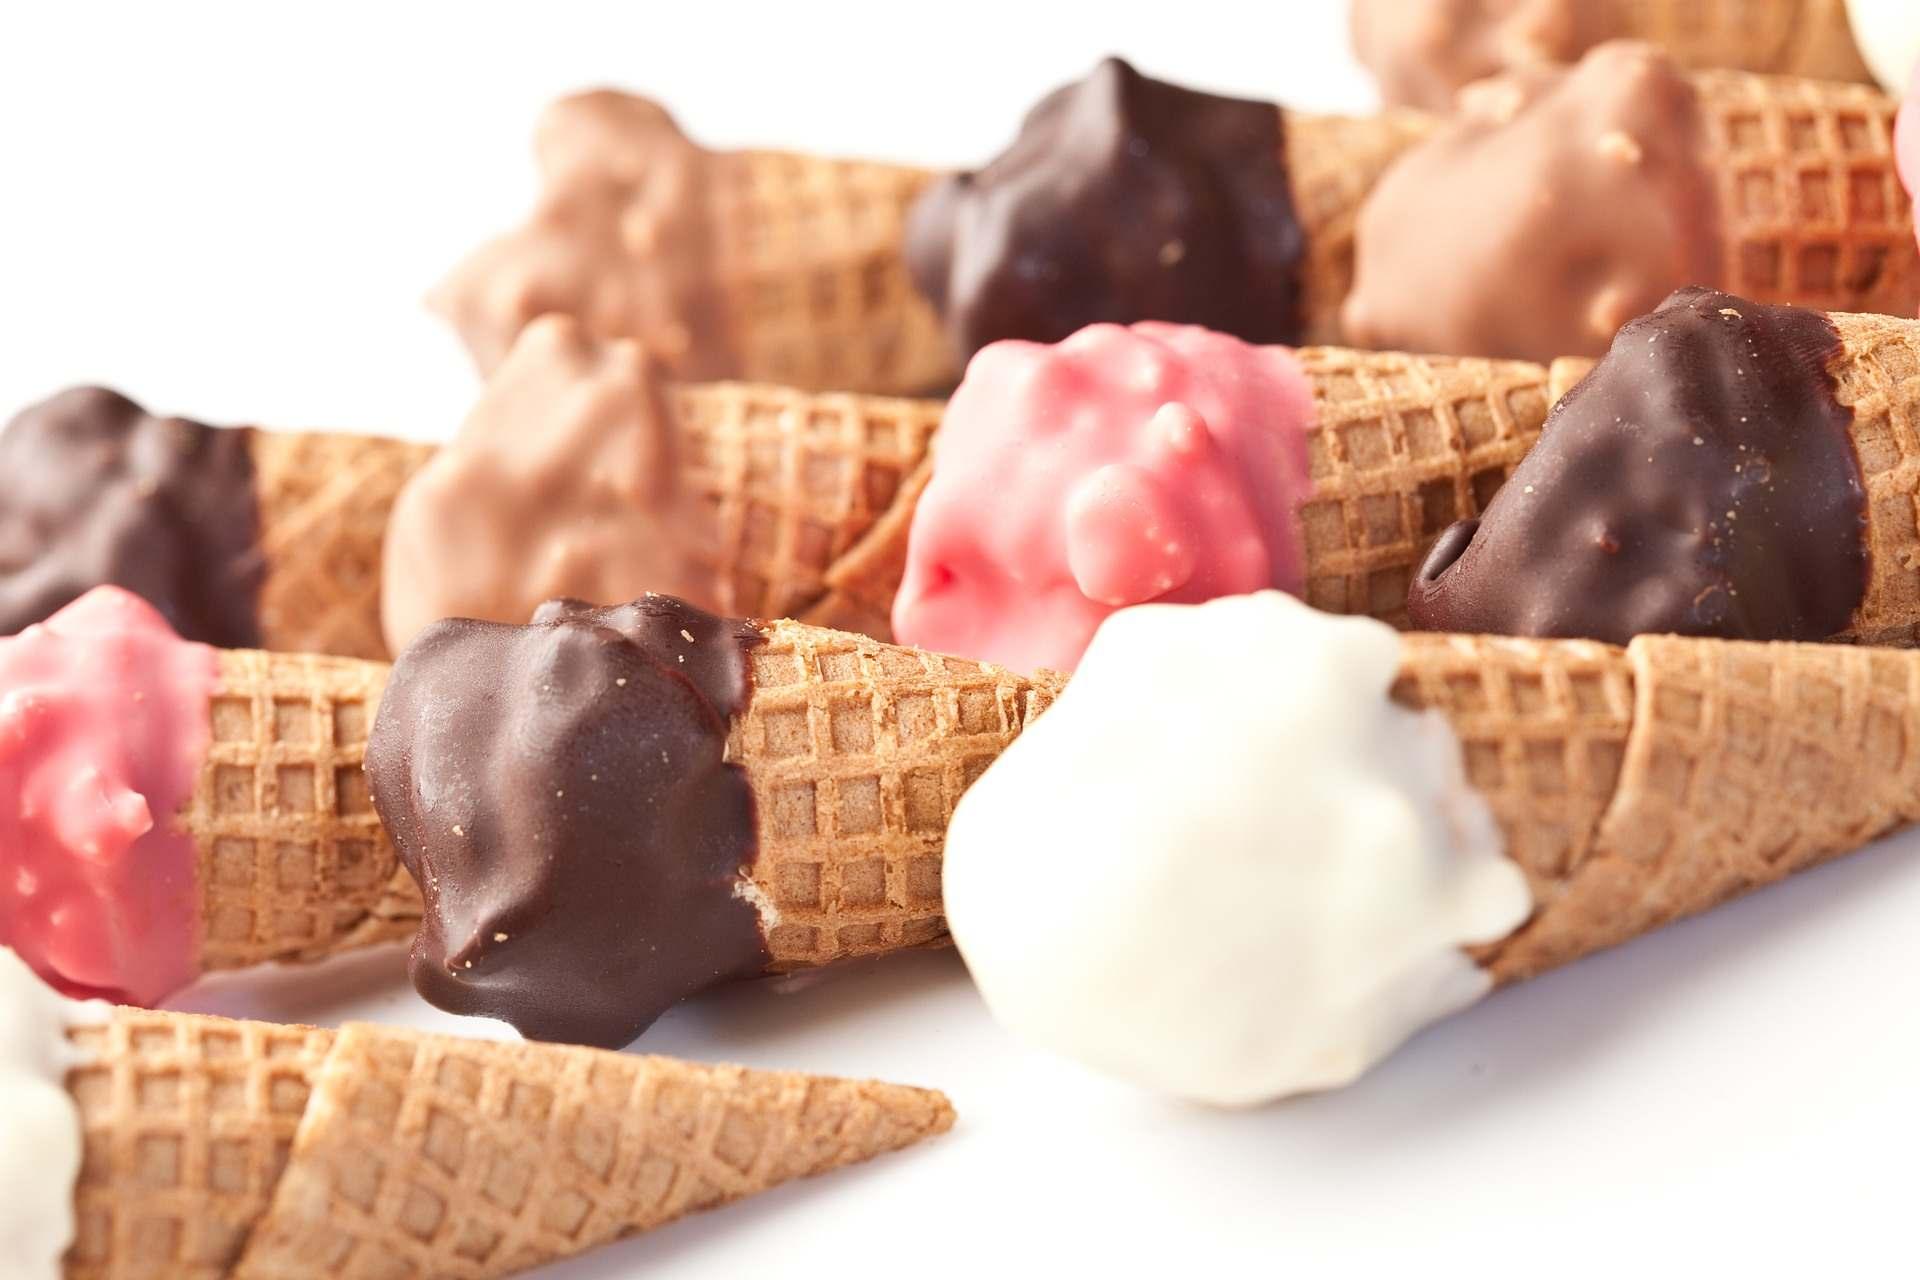 Через Новороссийск прошло «Доброе» мороженое